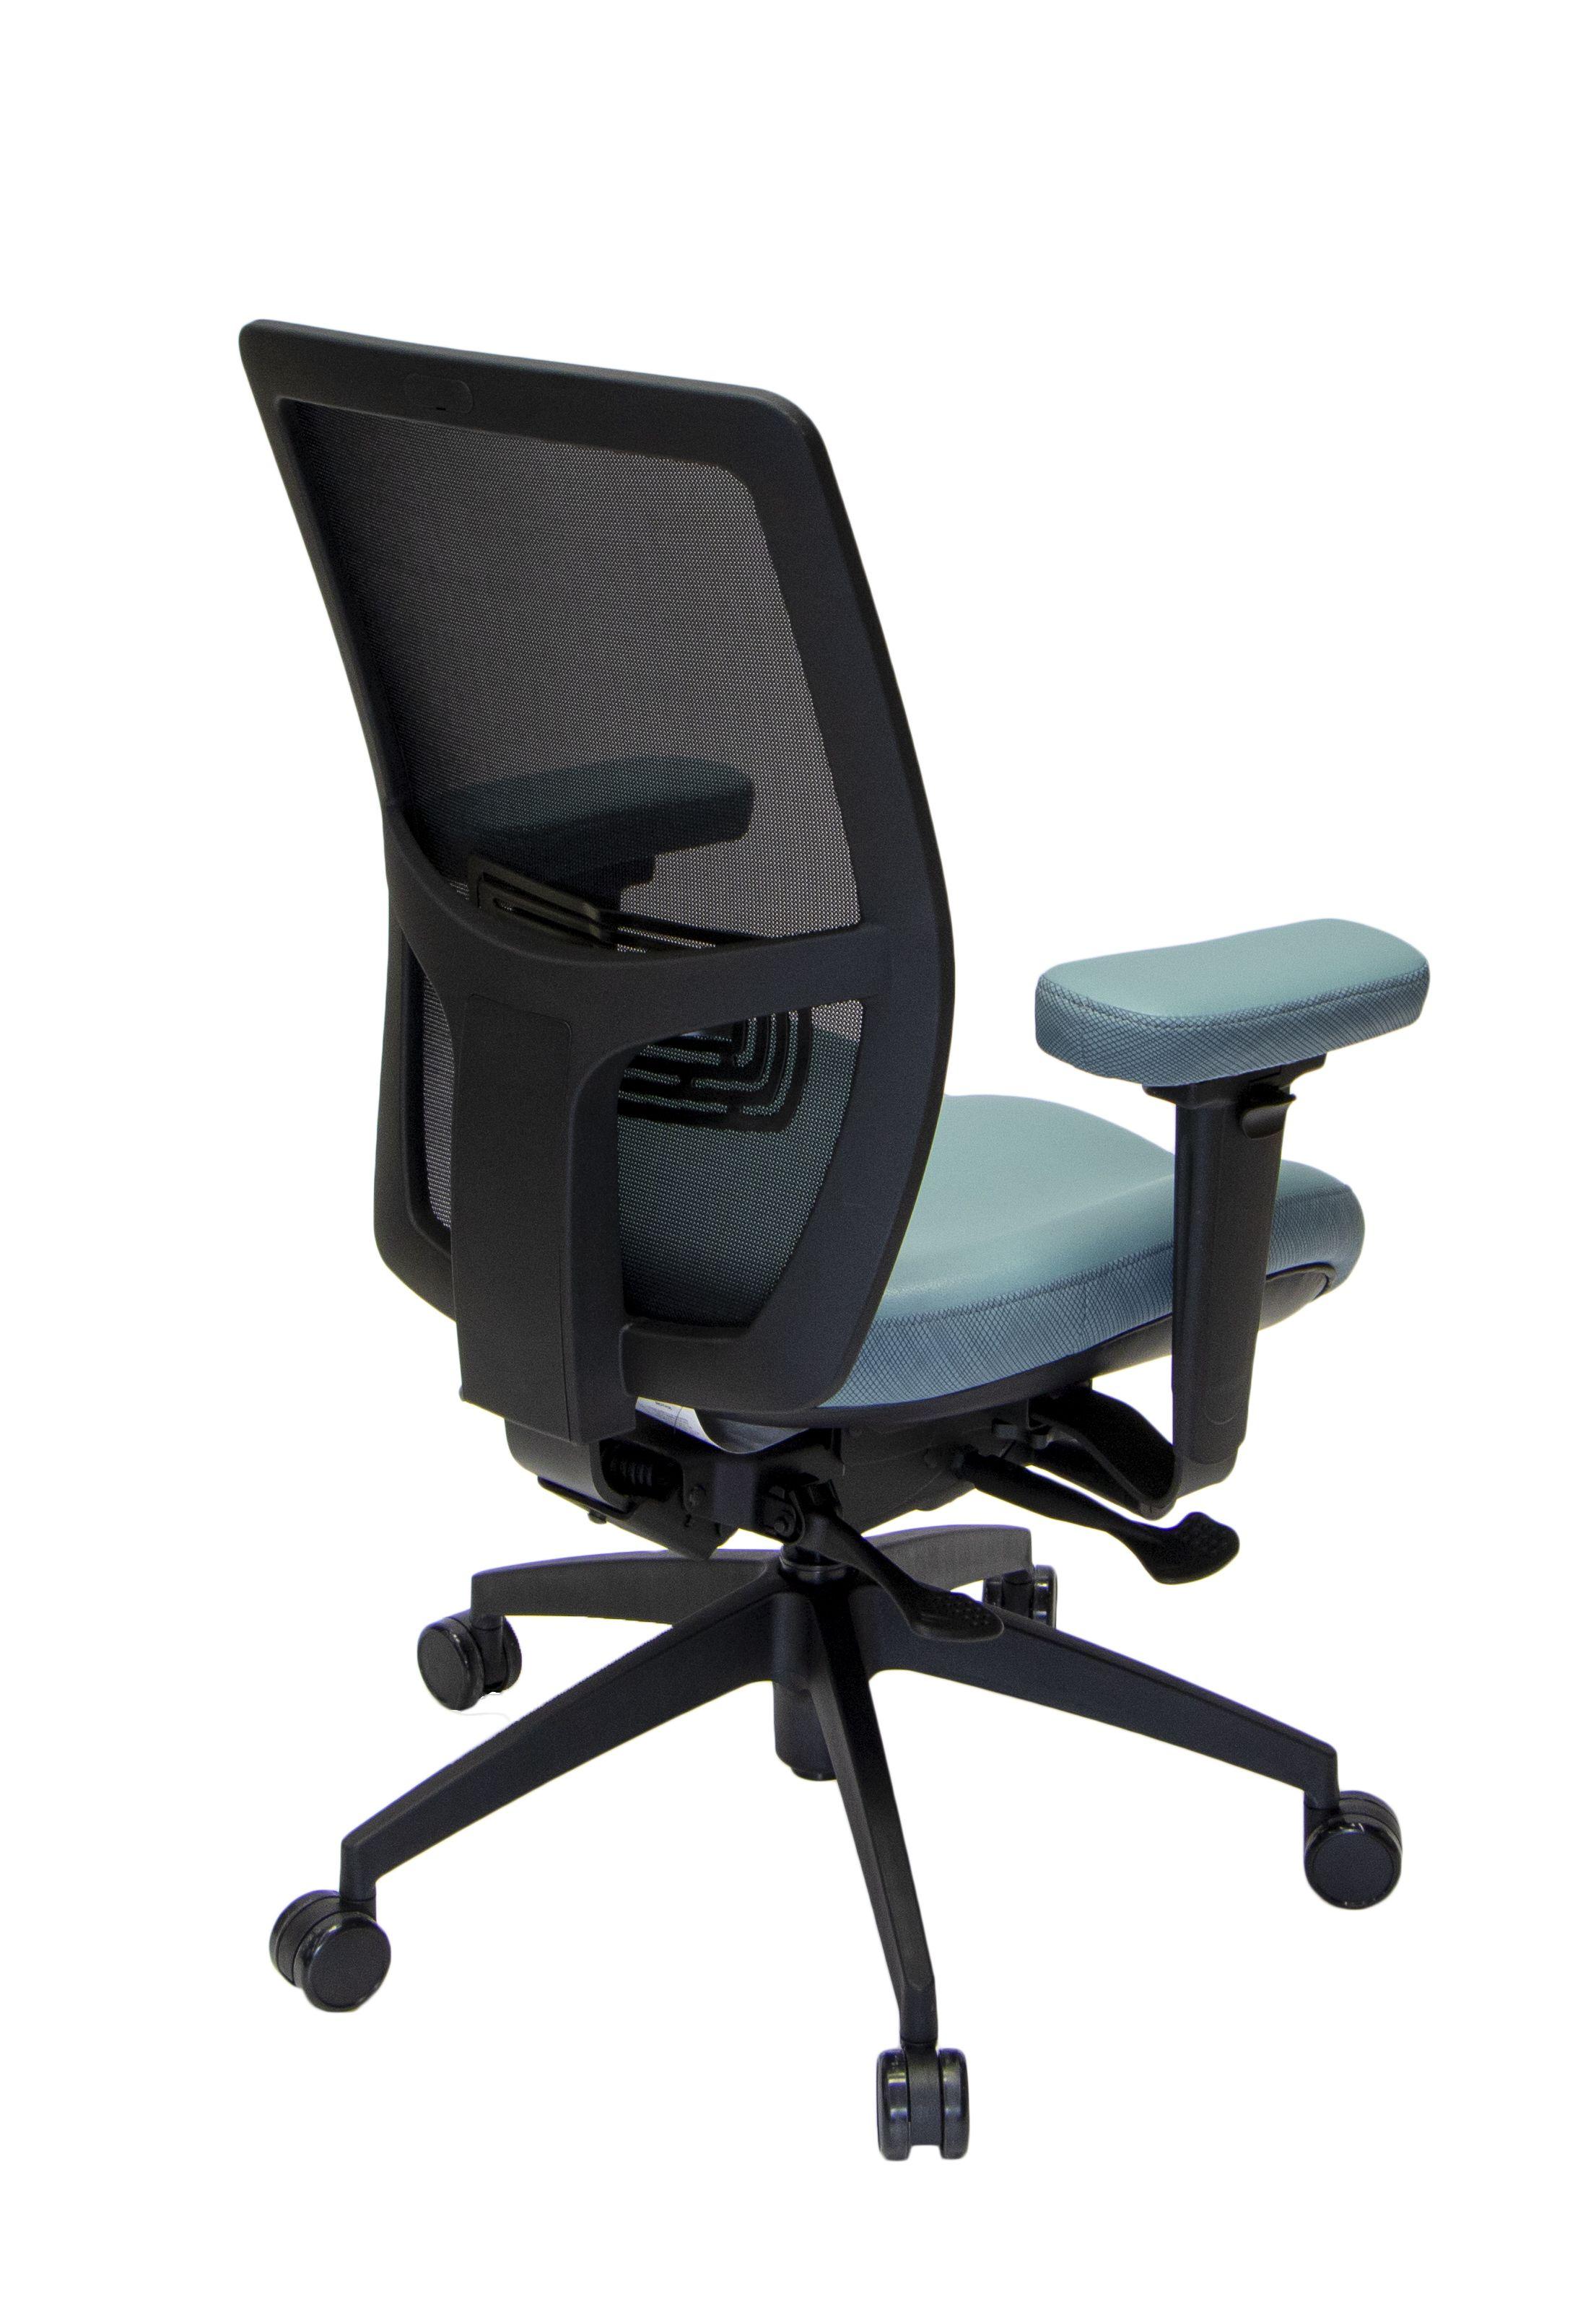 LIFEFORM Mesh Back Desk Chair. Full Function Ergonomics